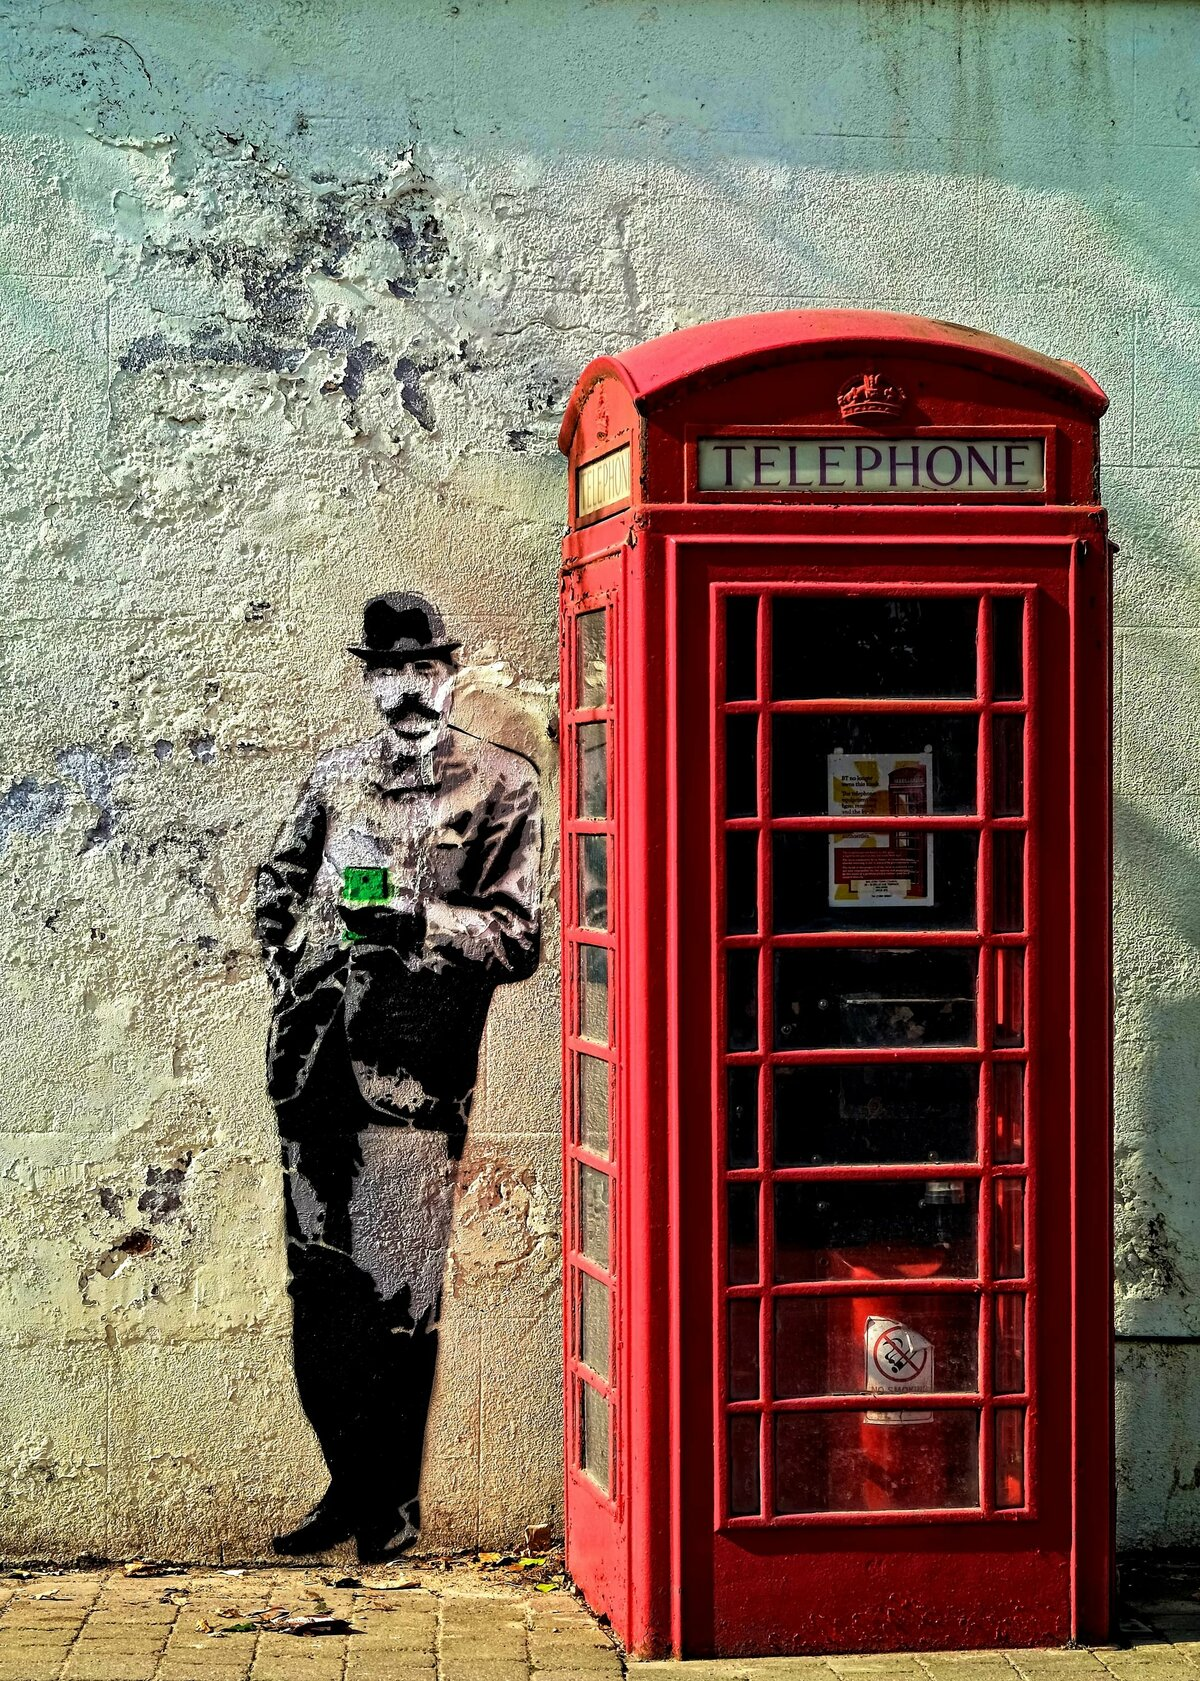 картинка человек и телефонная будка артистки были